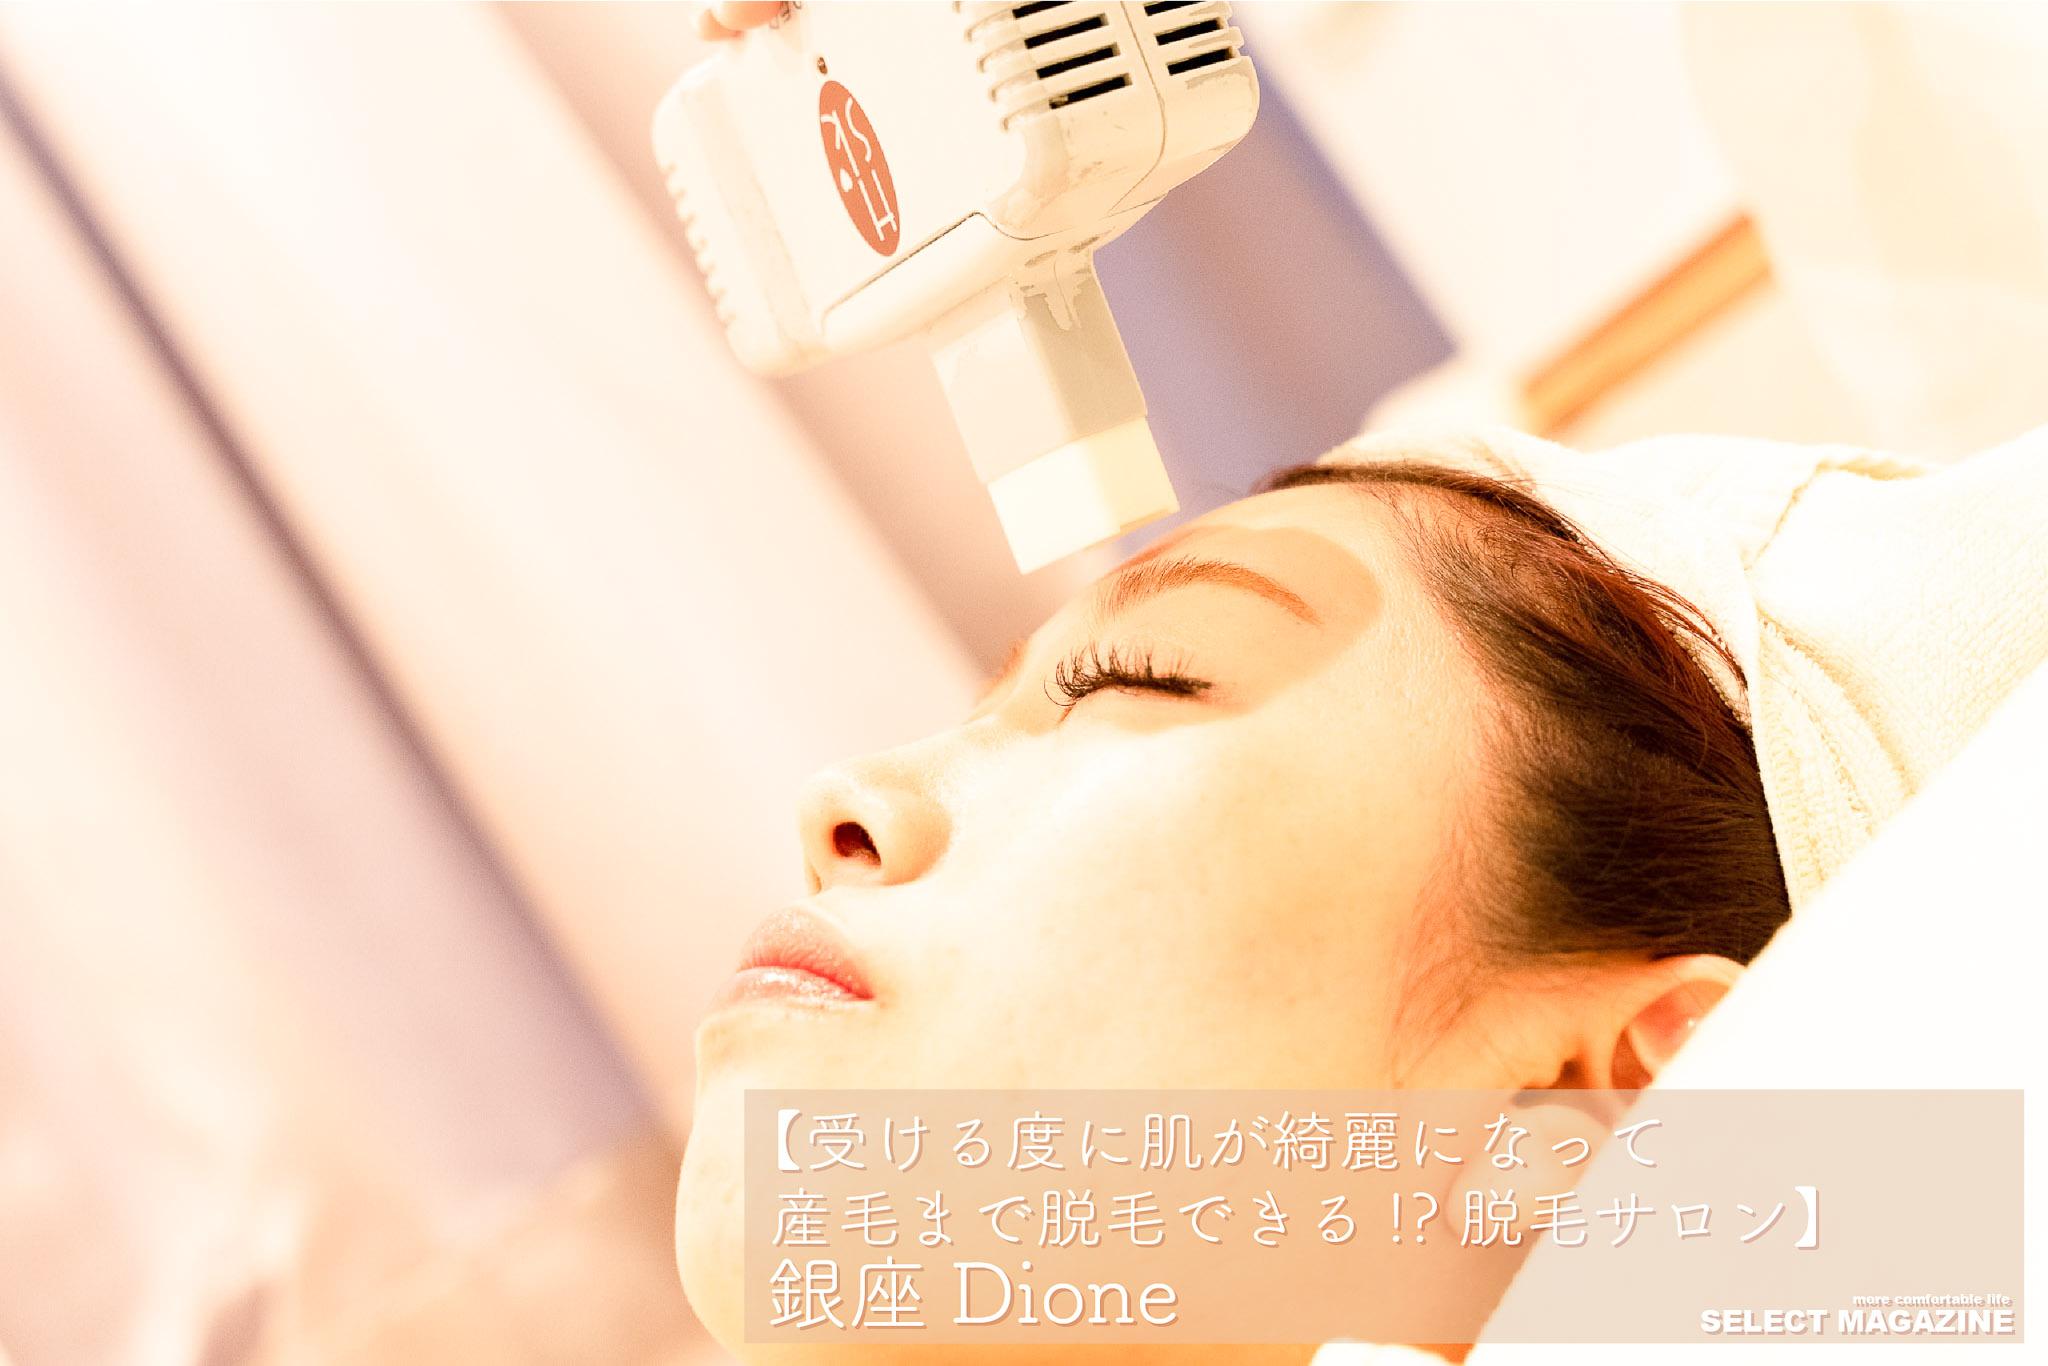 【受ける度に肌が綺麗になって産毛まで脱毛できる!?脱毛サロン】銀座Dione|銀座